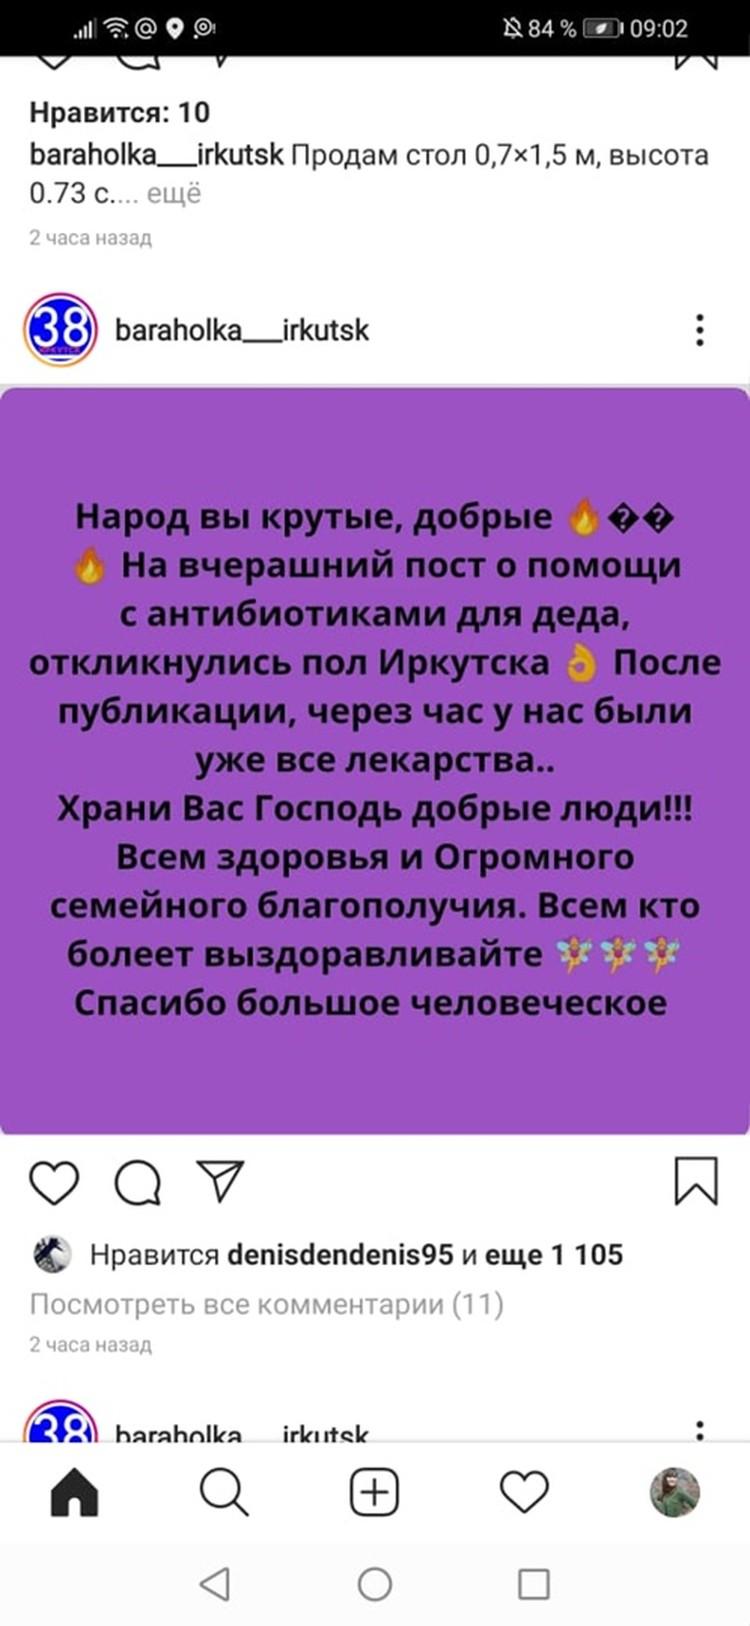 А вот и пост с благодарностью неравнодушным иркутянам. Фото: соцсети